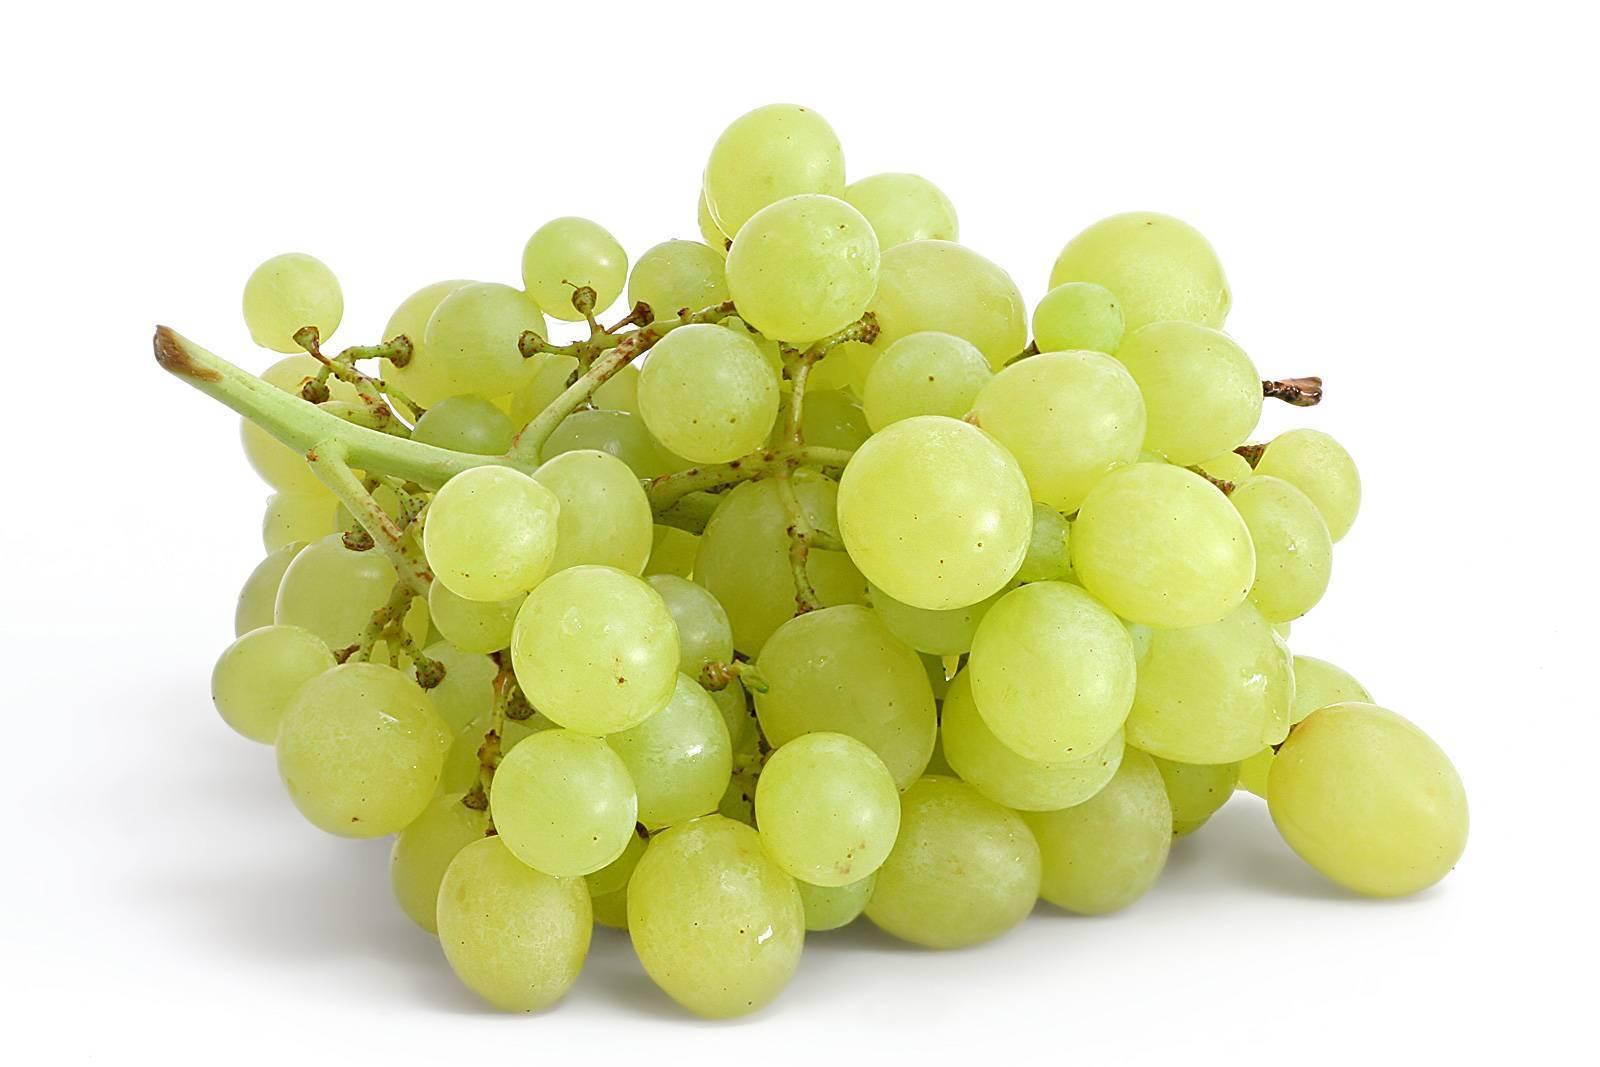 Польза винограда — 10 фактов о его влиянии на организм человека, состав и противопоказания